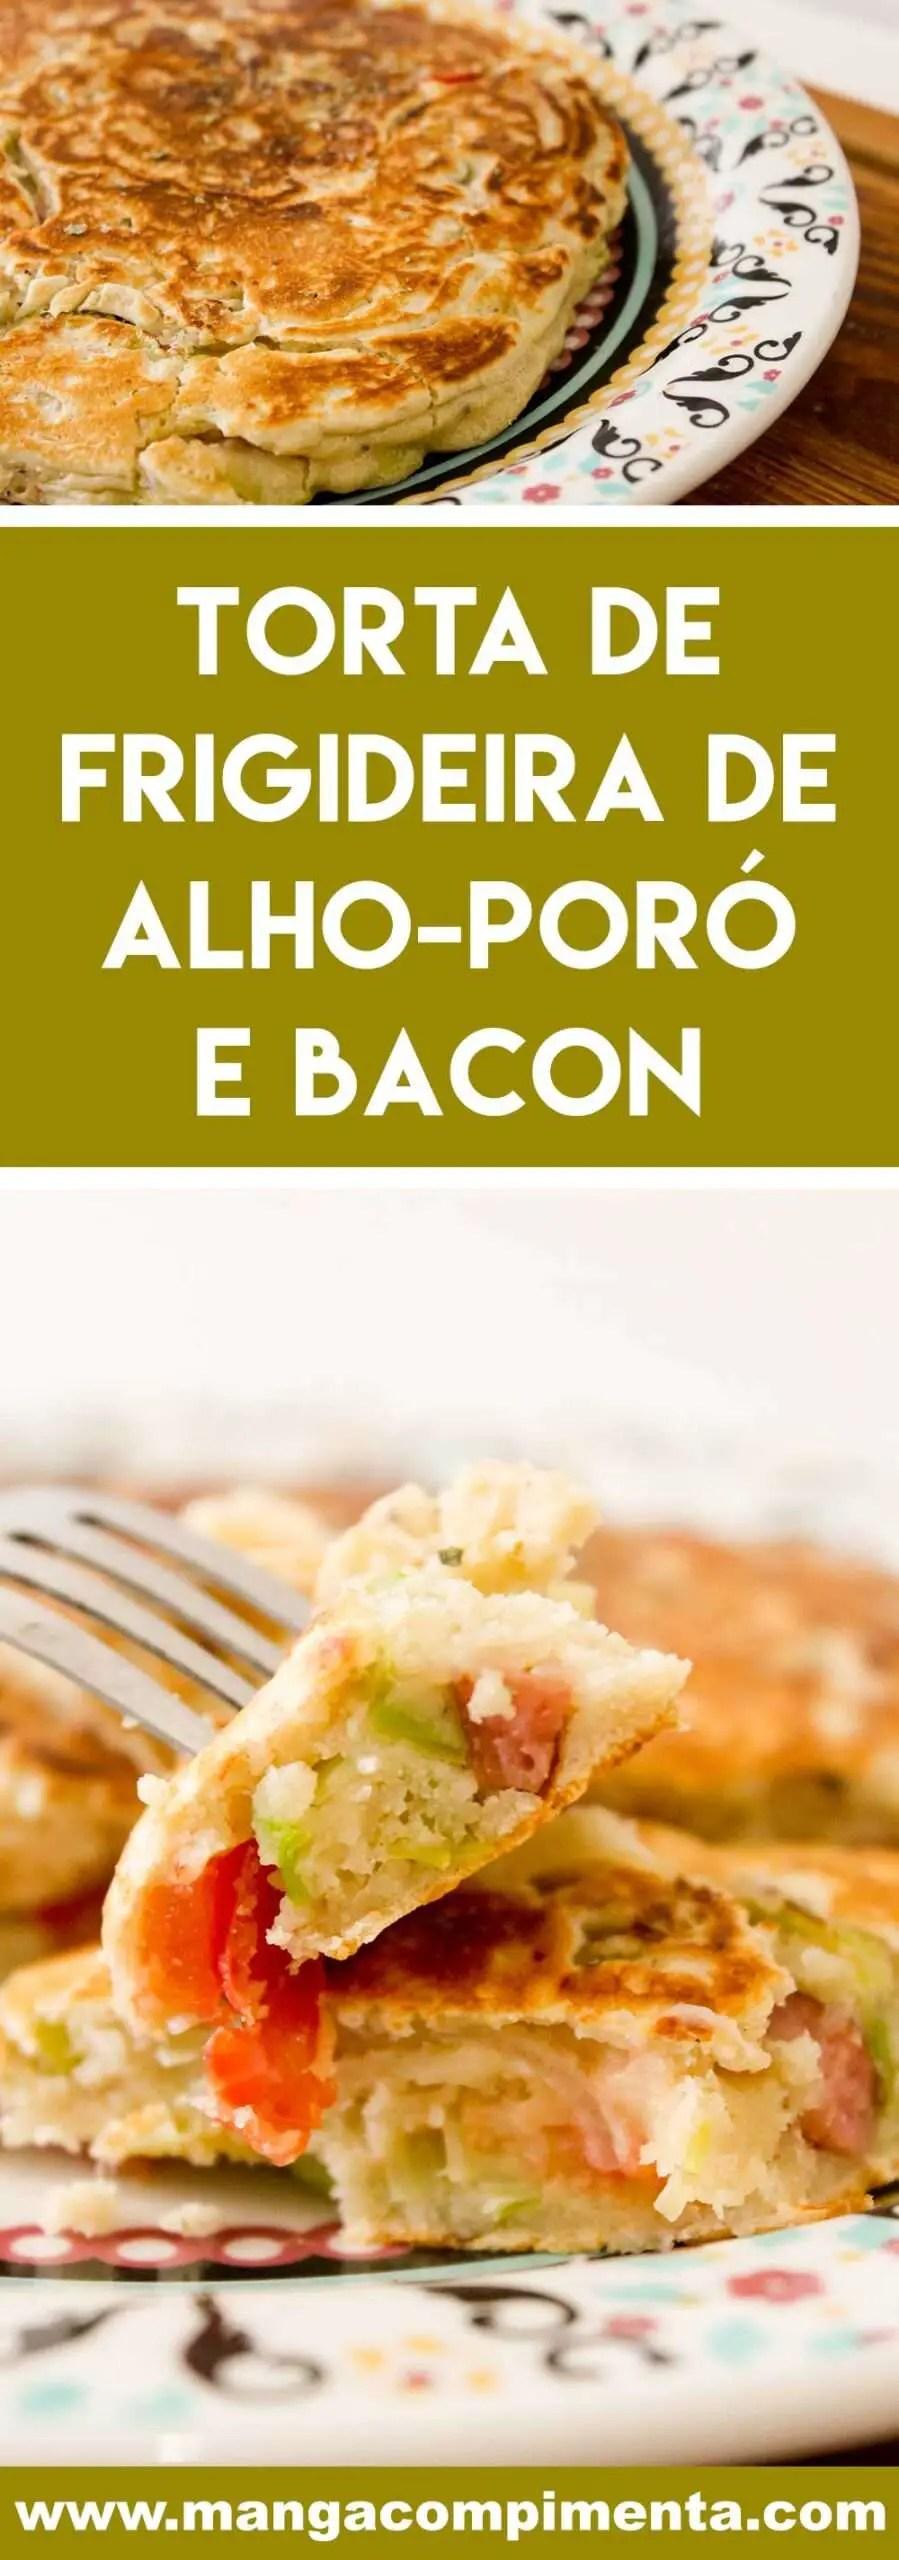 Receita de Torta de Frigideira de Alho-poró e Bacon - prepare um prato rápido e gostoso para o almoço da semana!